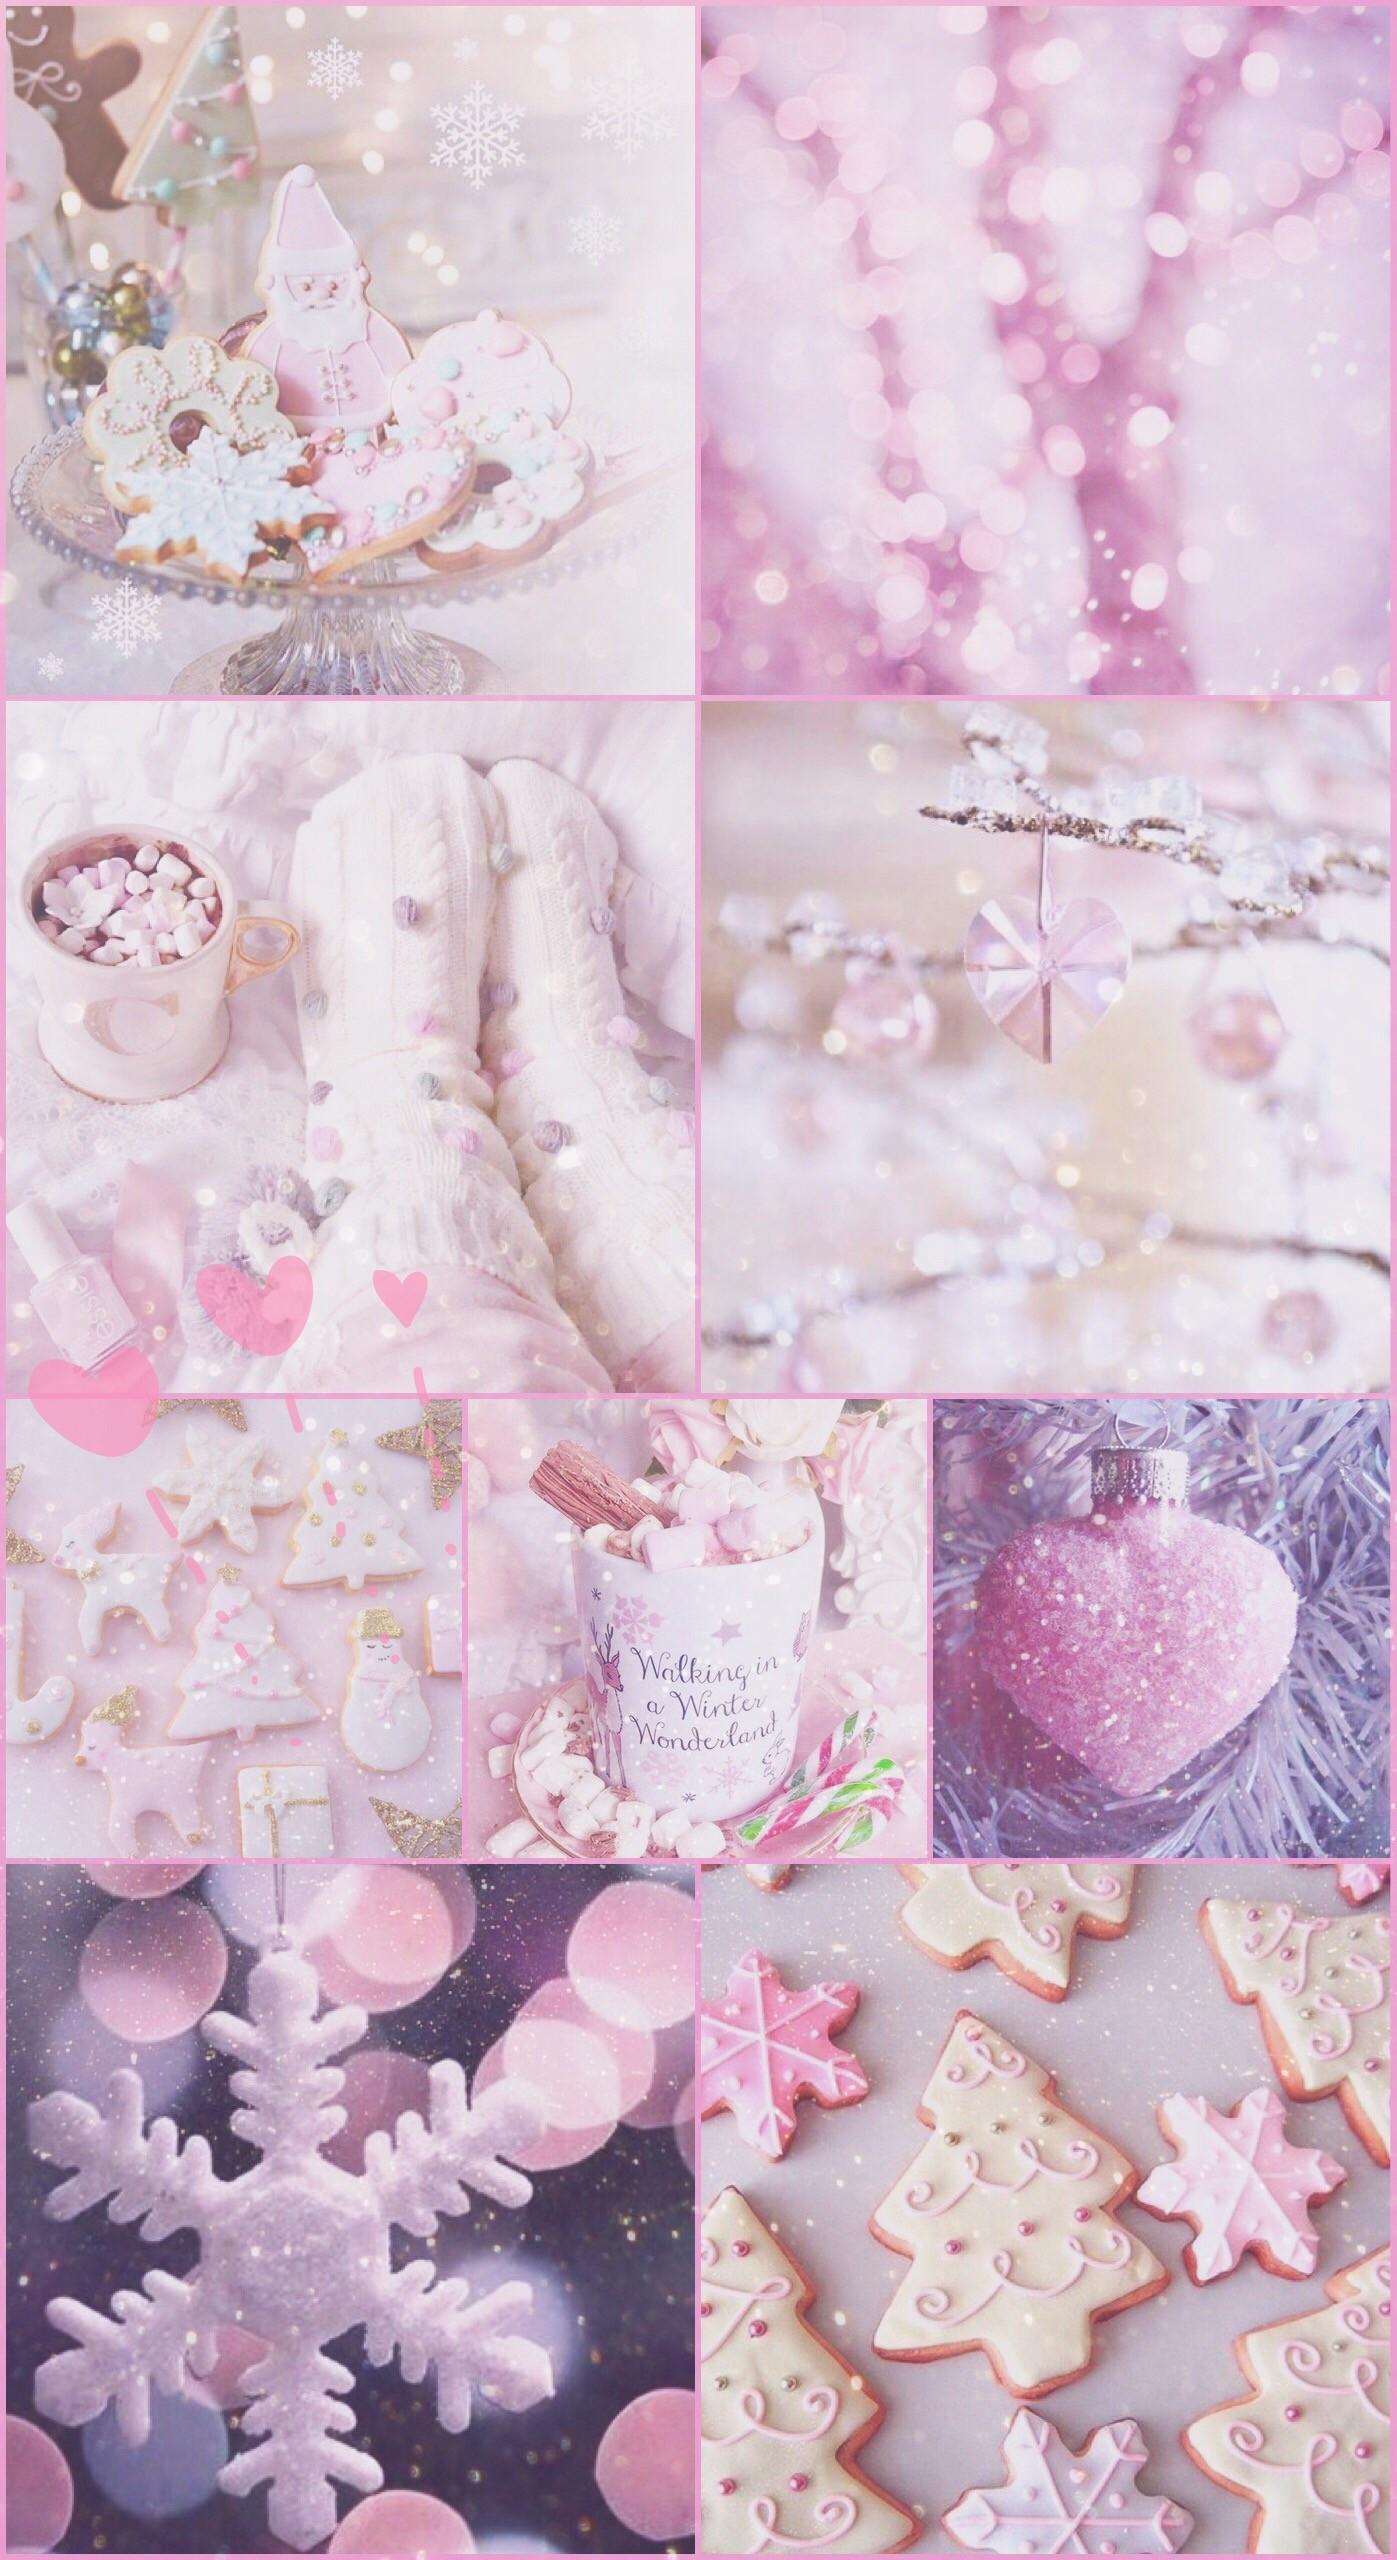 Cute Dreamcatcher Wallpaper Cute Paris Wallpaper Girly 48 Images